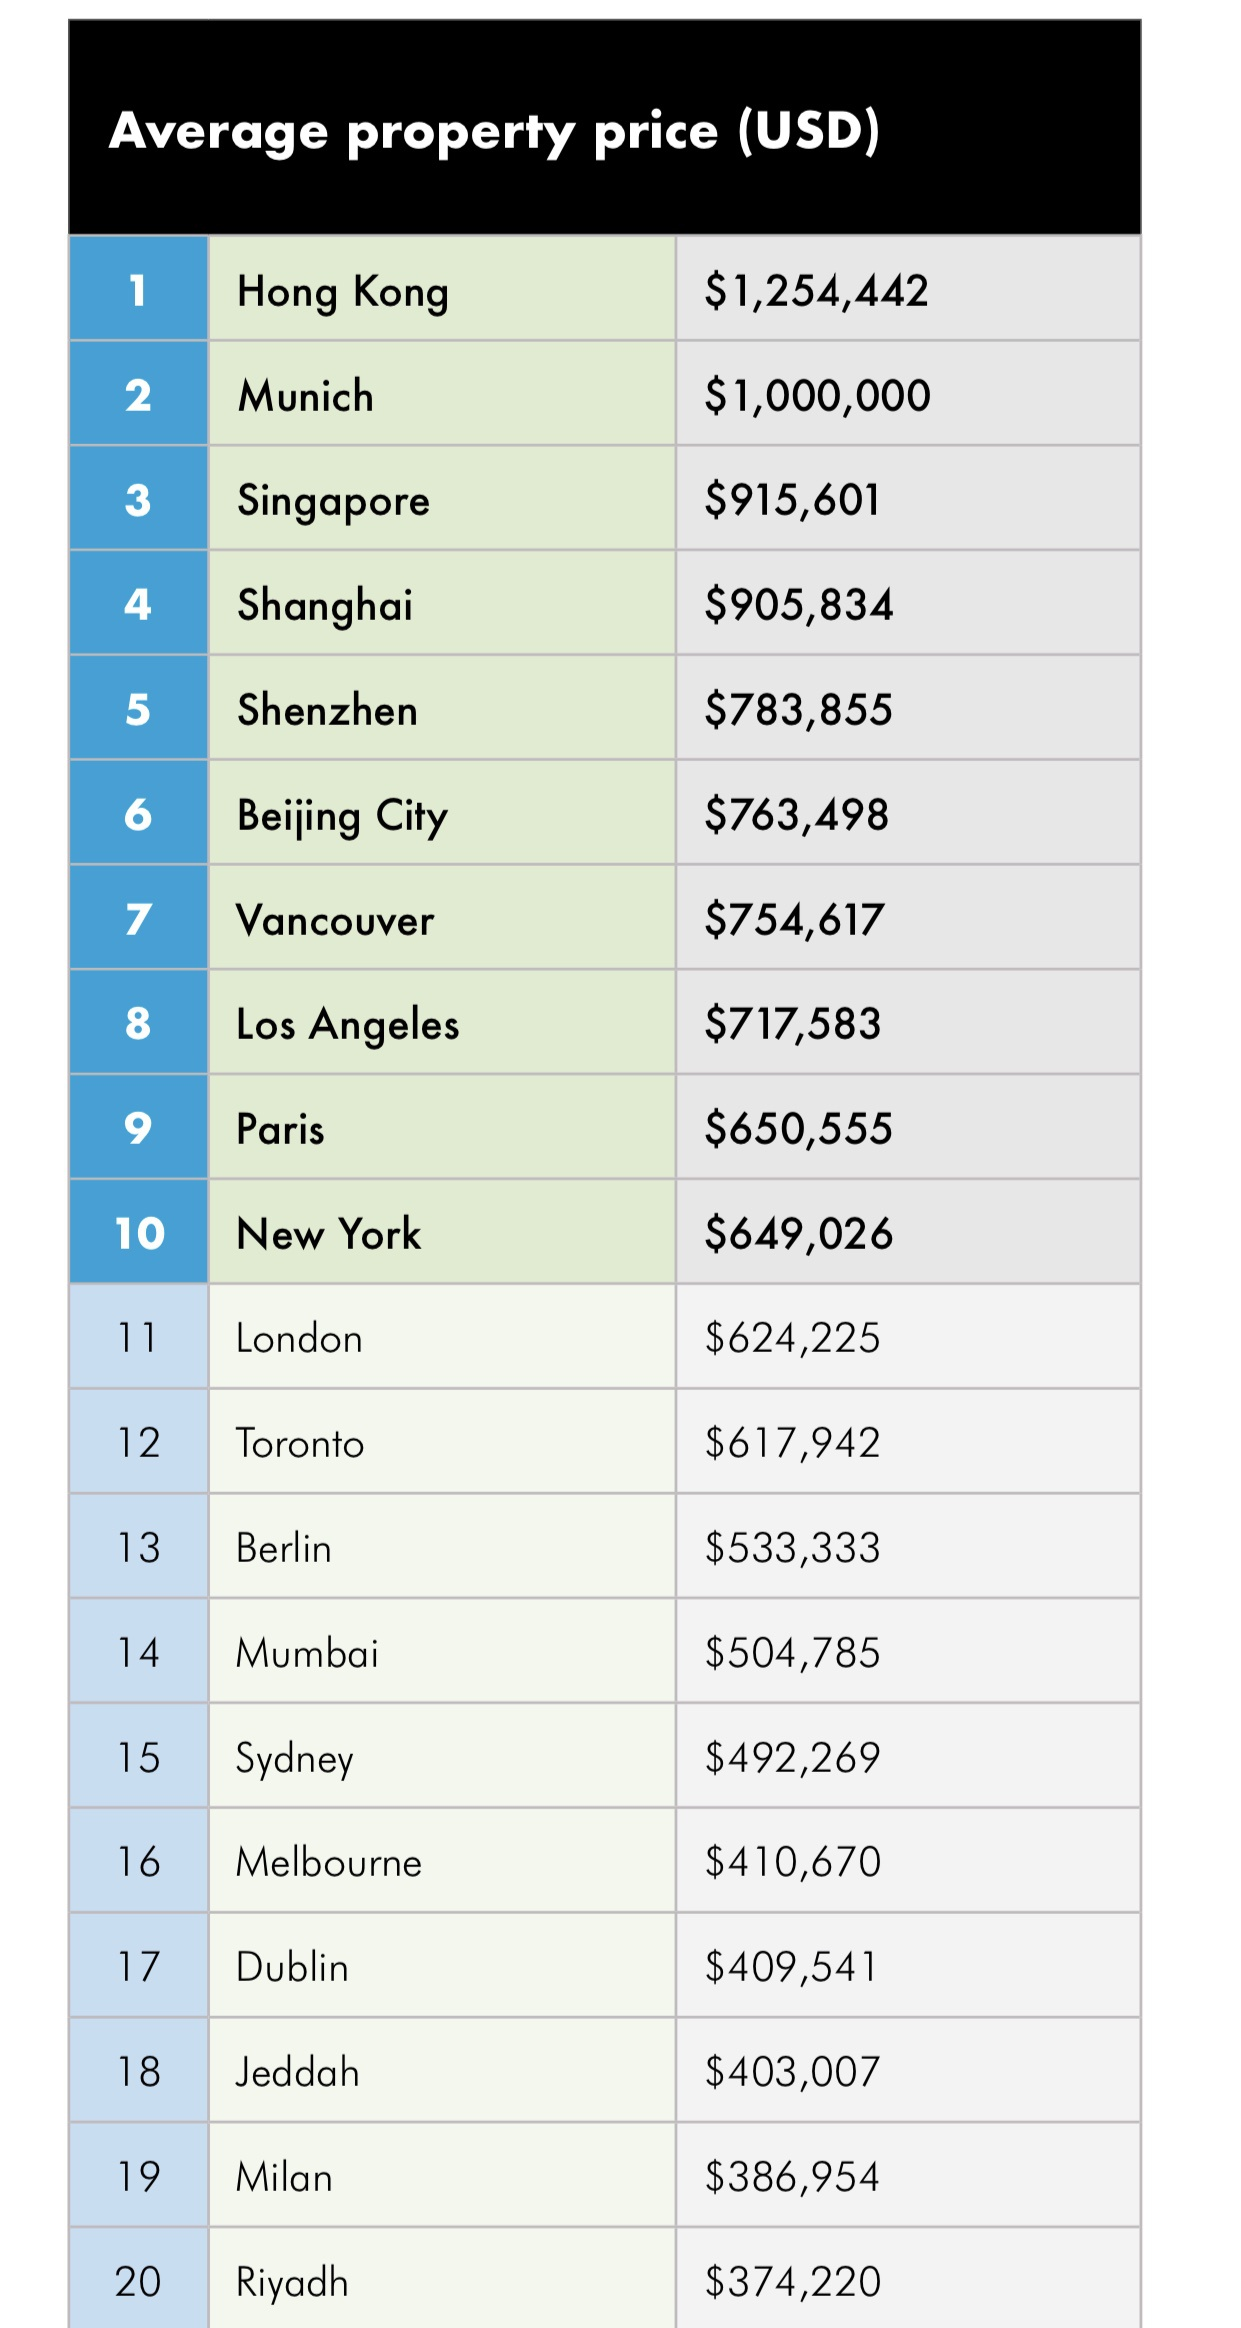 中国香港是全球房价最贵城市 住宅套均价格约892.6万元